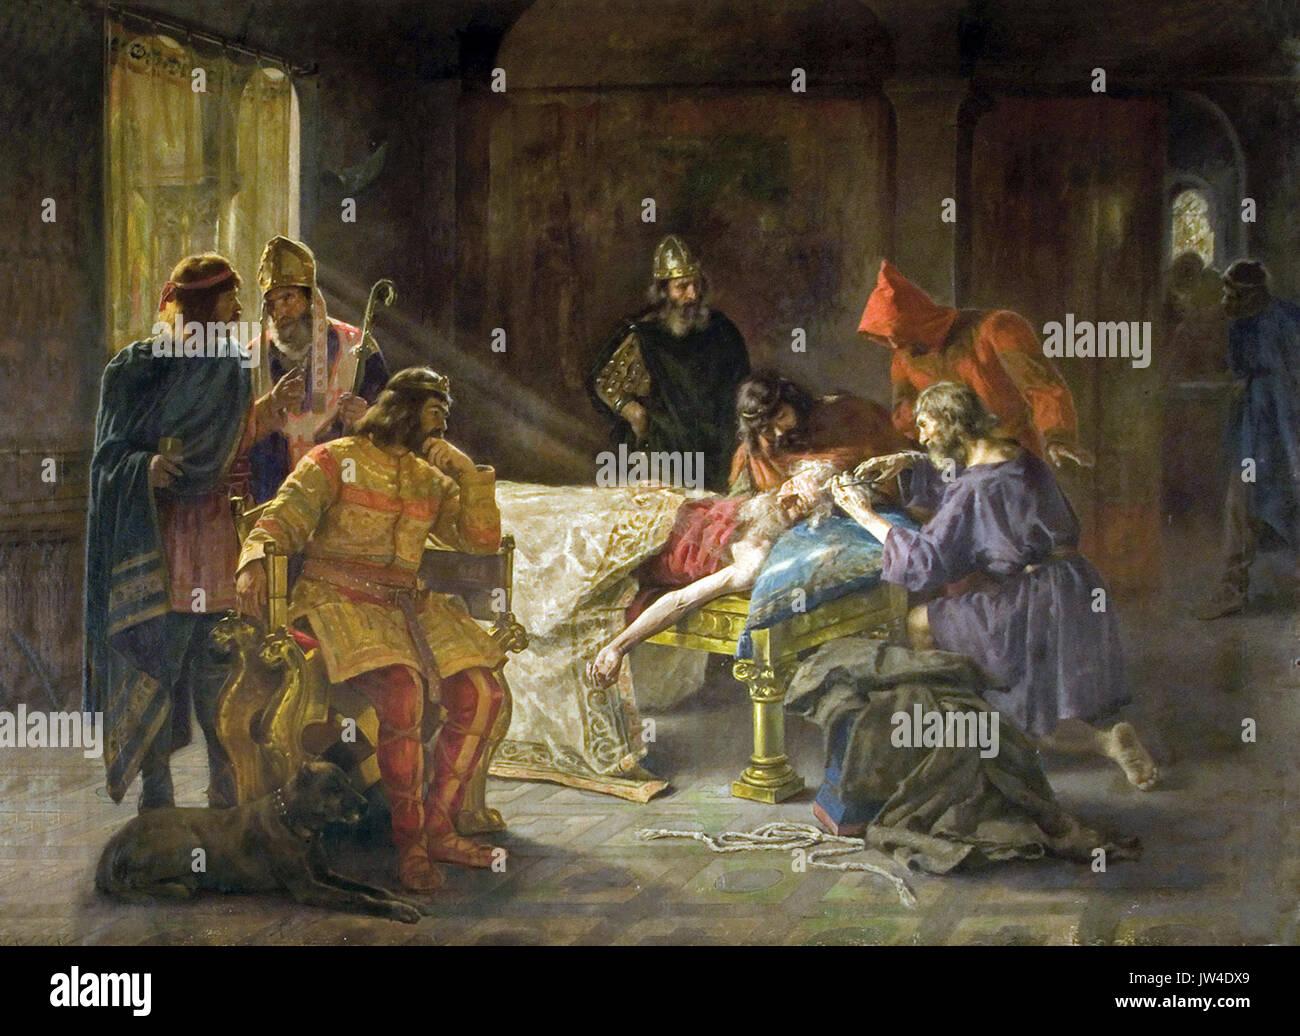 La tonsura del rei Wamba Joan Brull i Vinyoles (1863-1912) Foto de stock